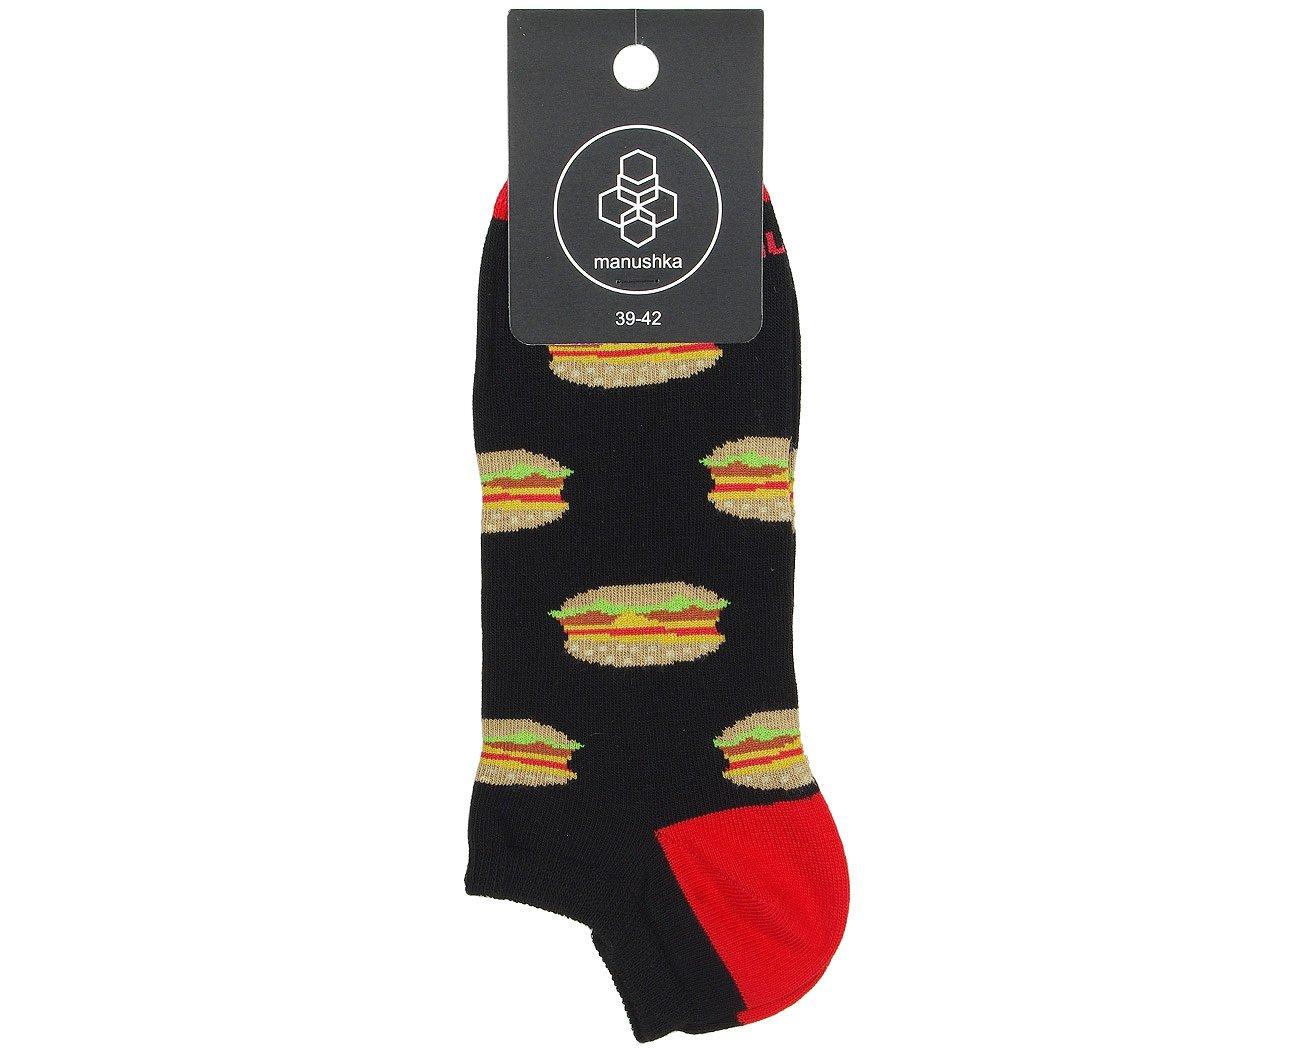 Manushka Hamburger stopki męskie czarny/czerwony/brąż